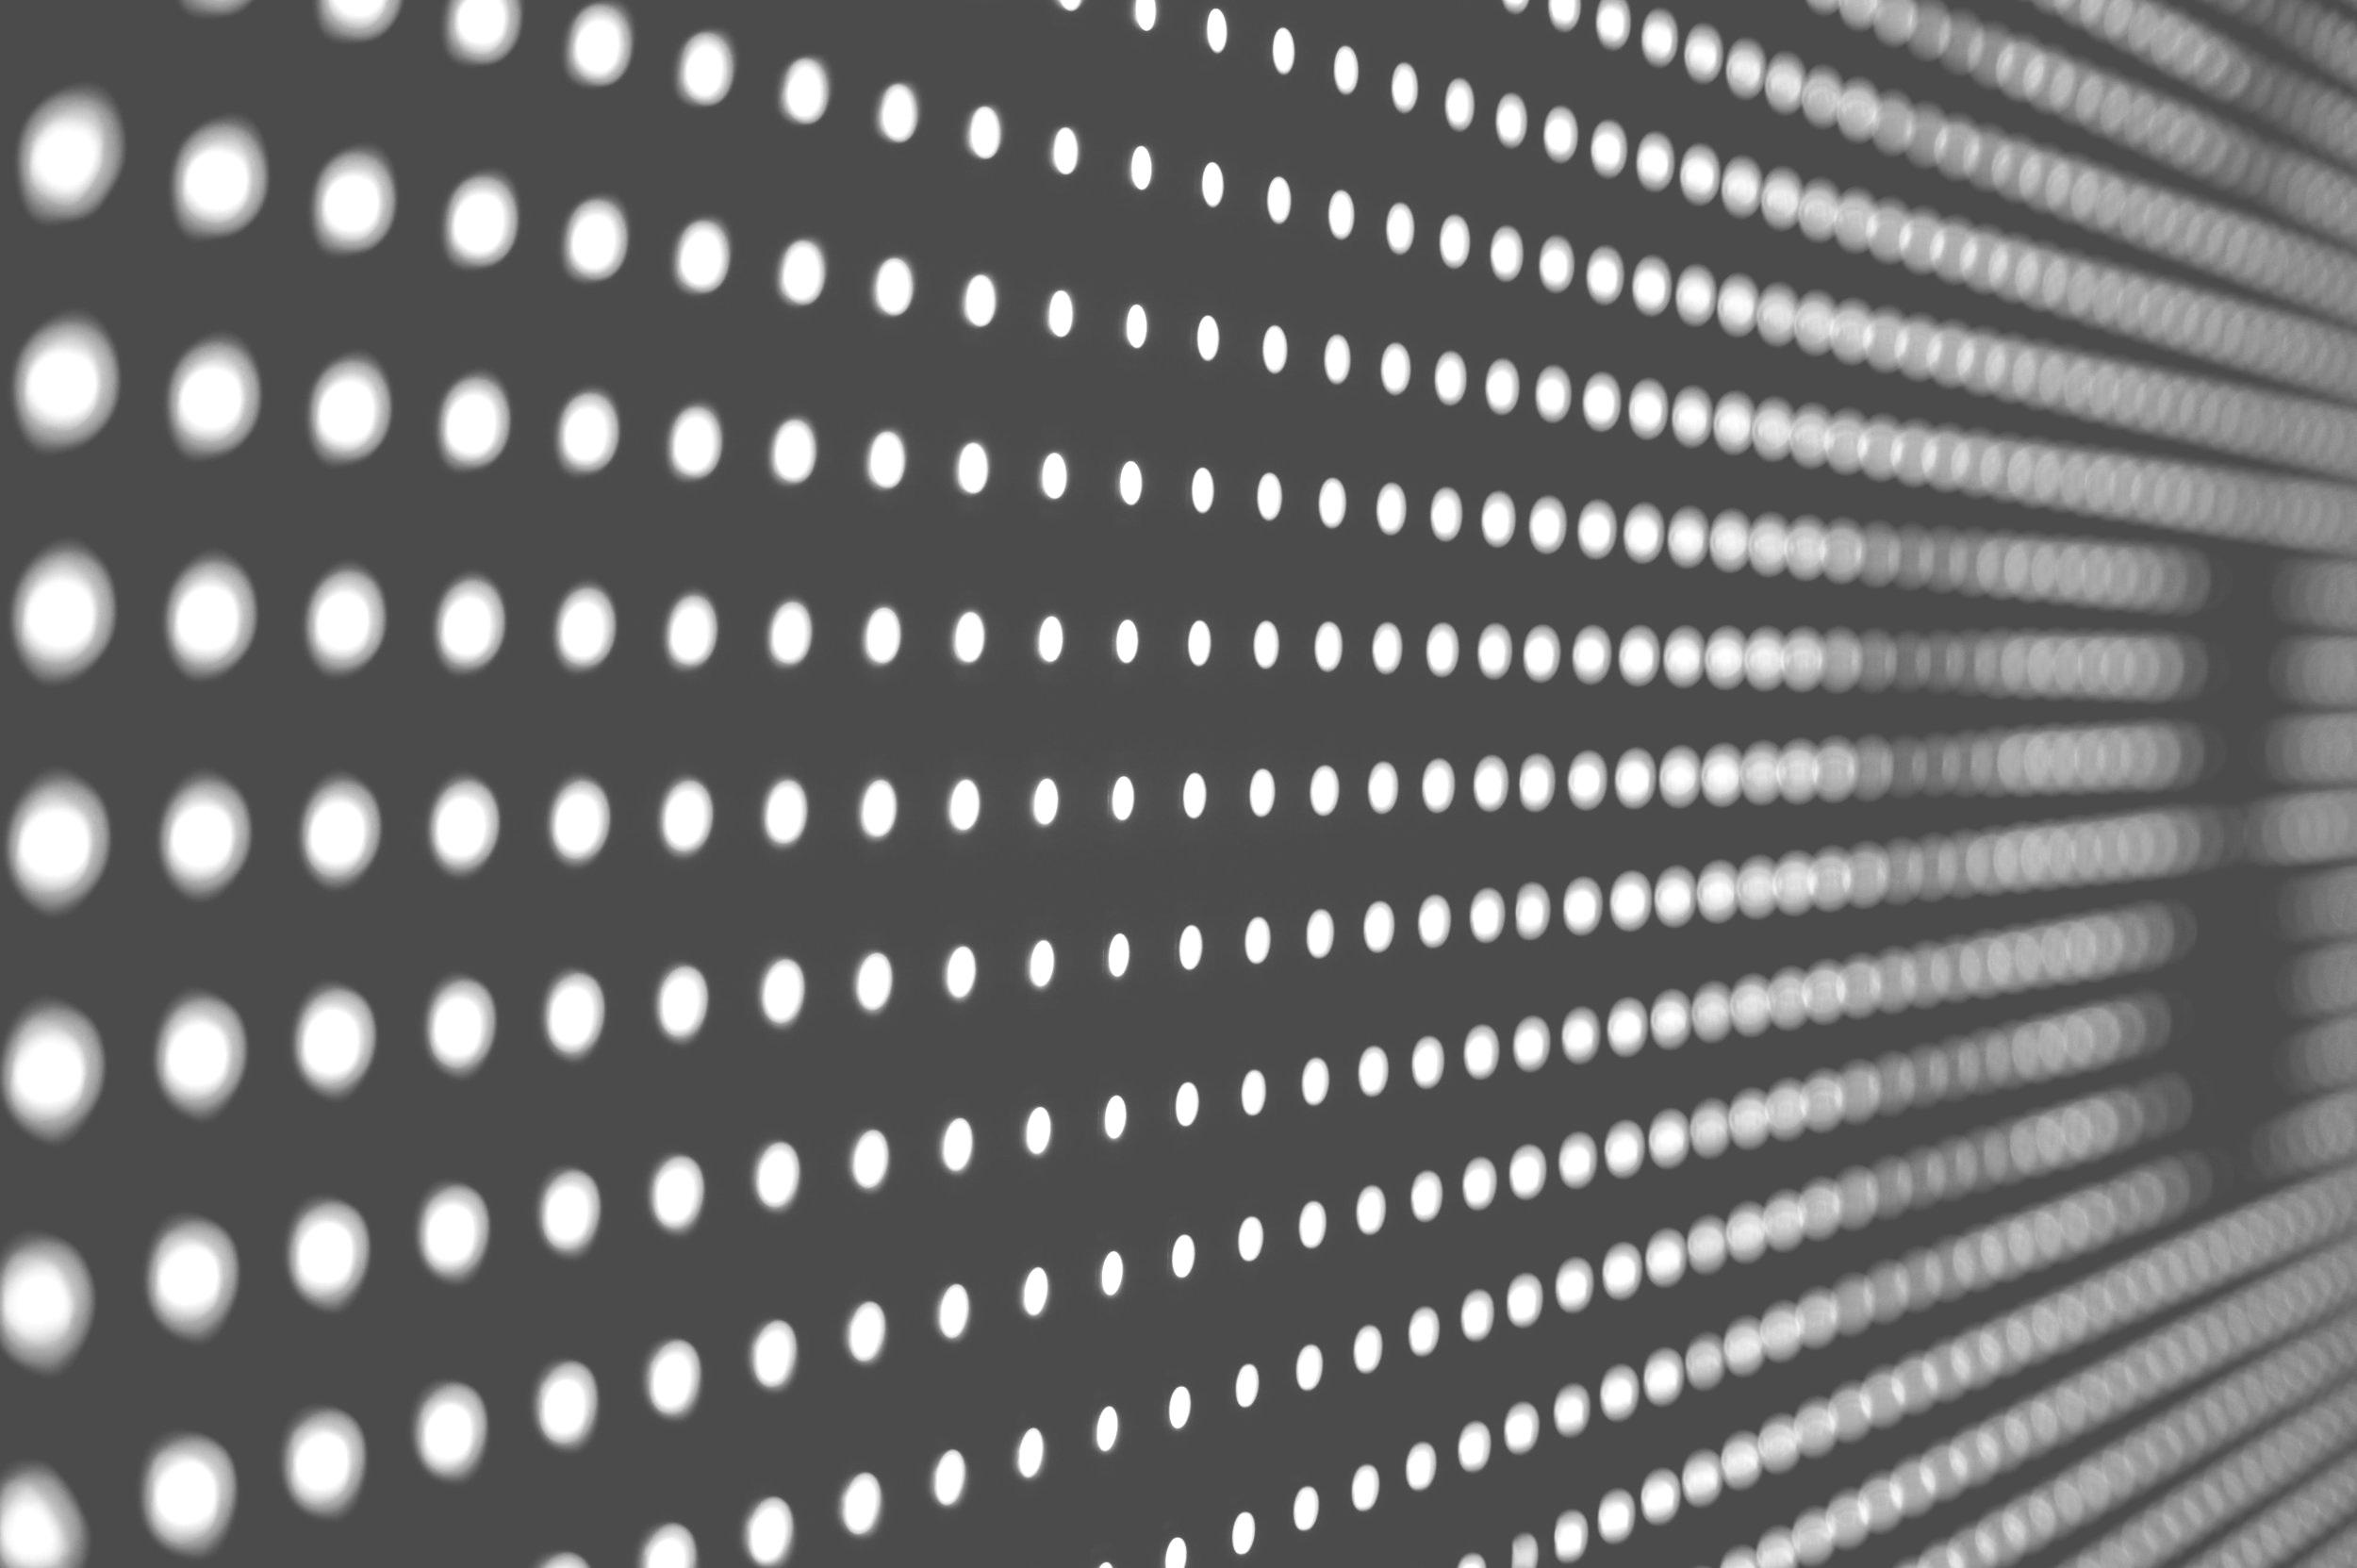 - LED